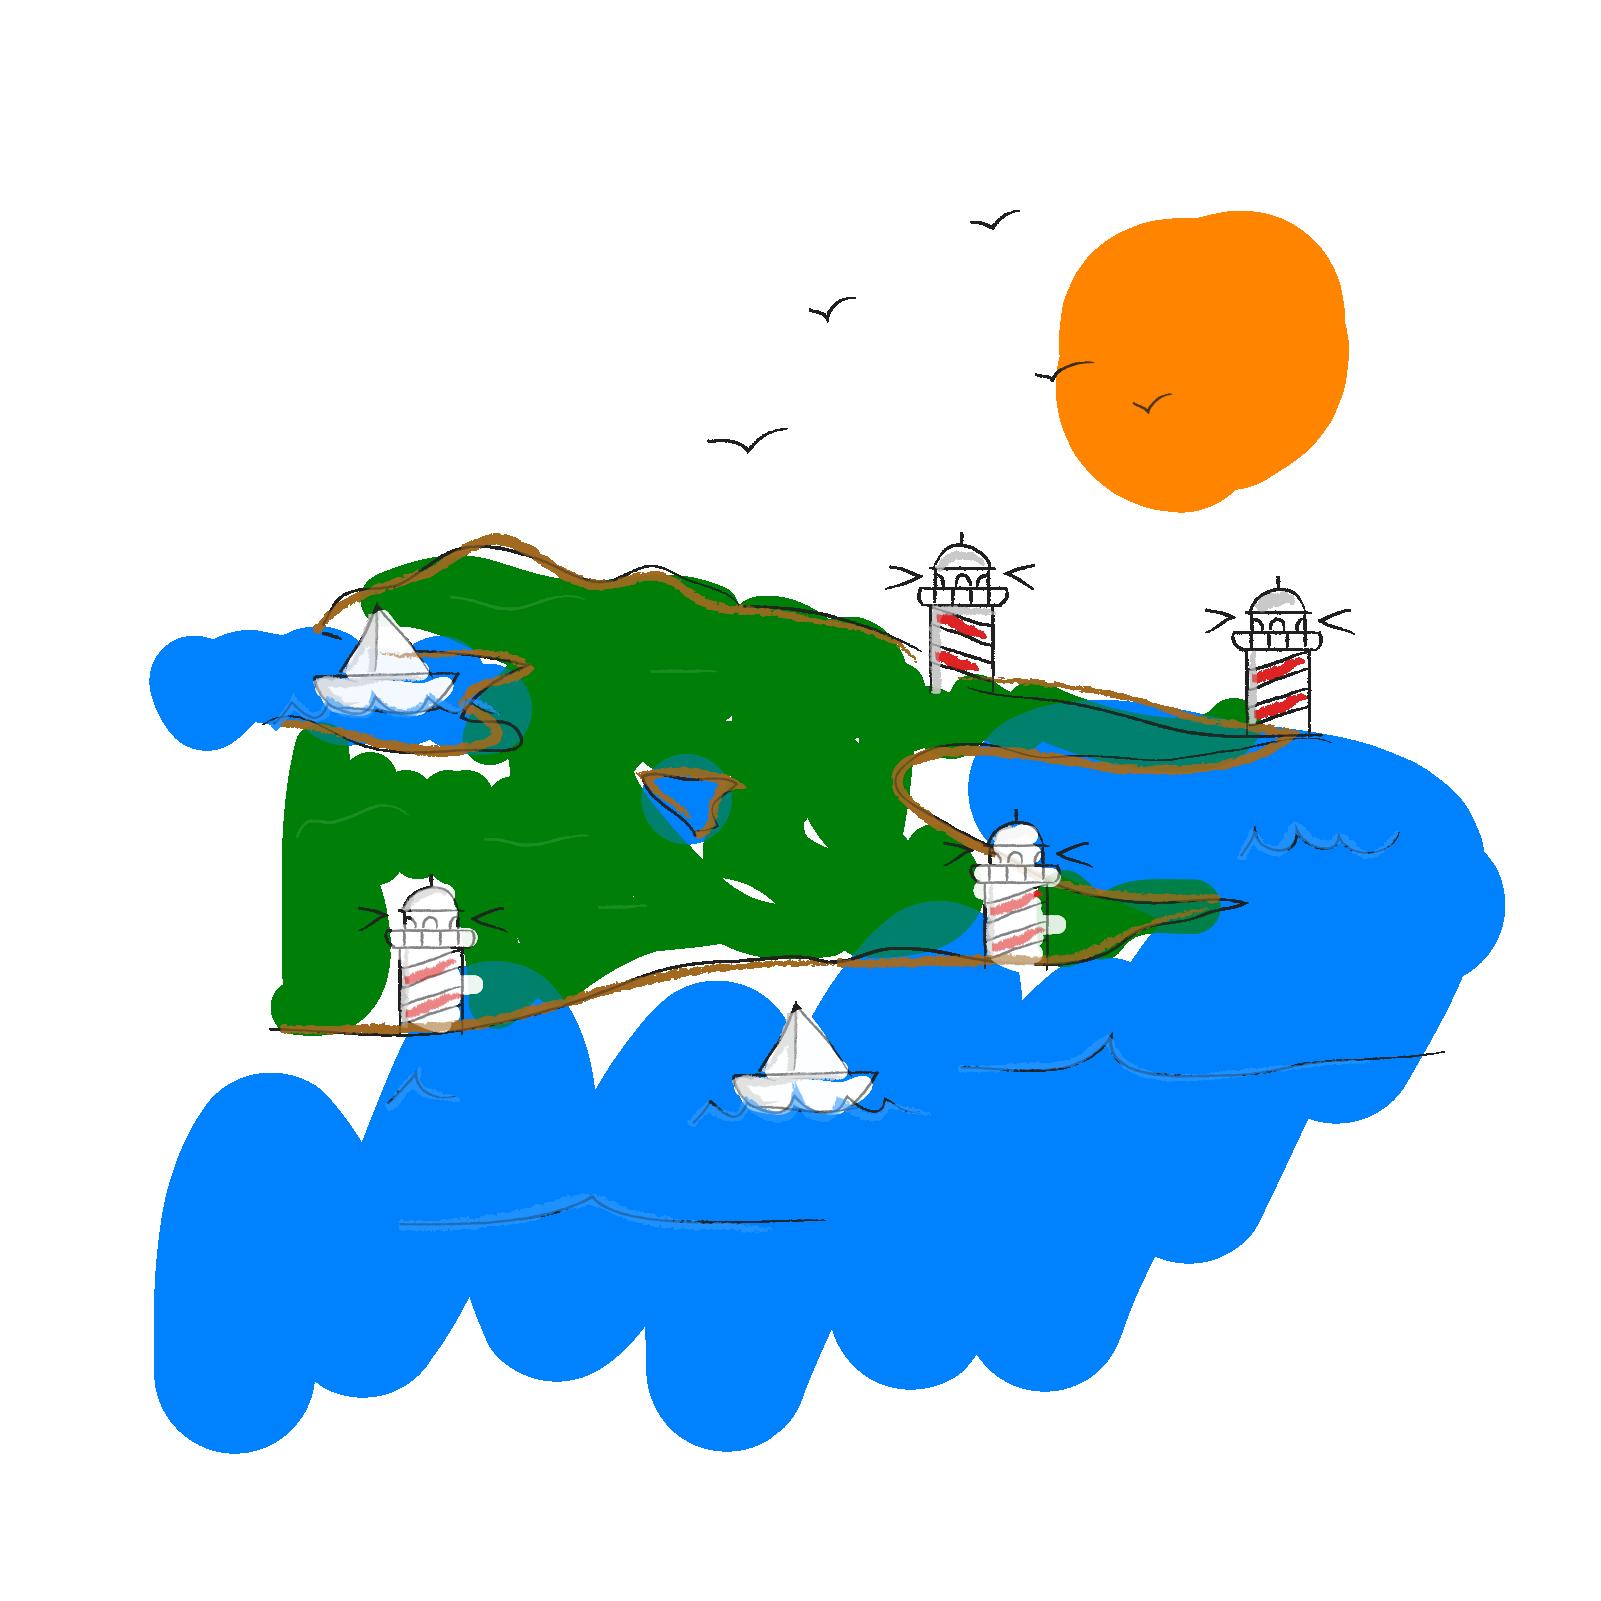 ilustraciones_farosybarcos-01